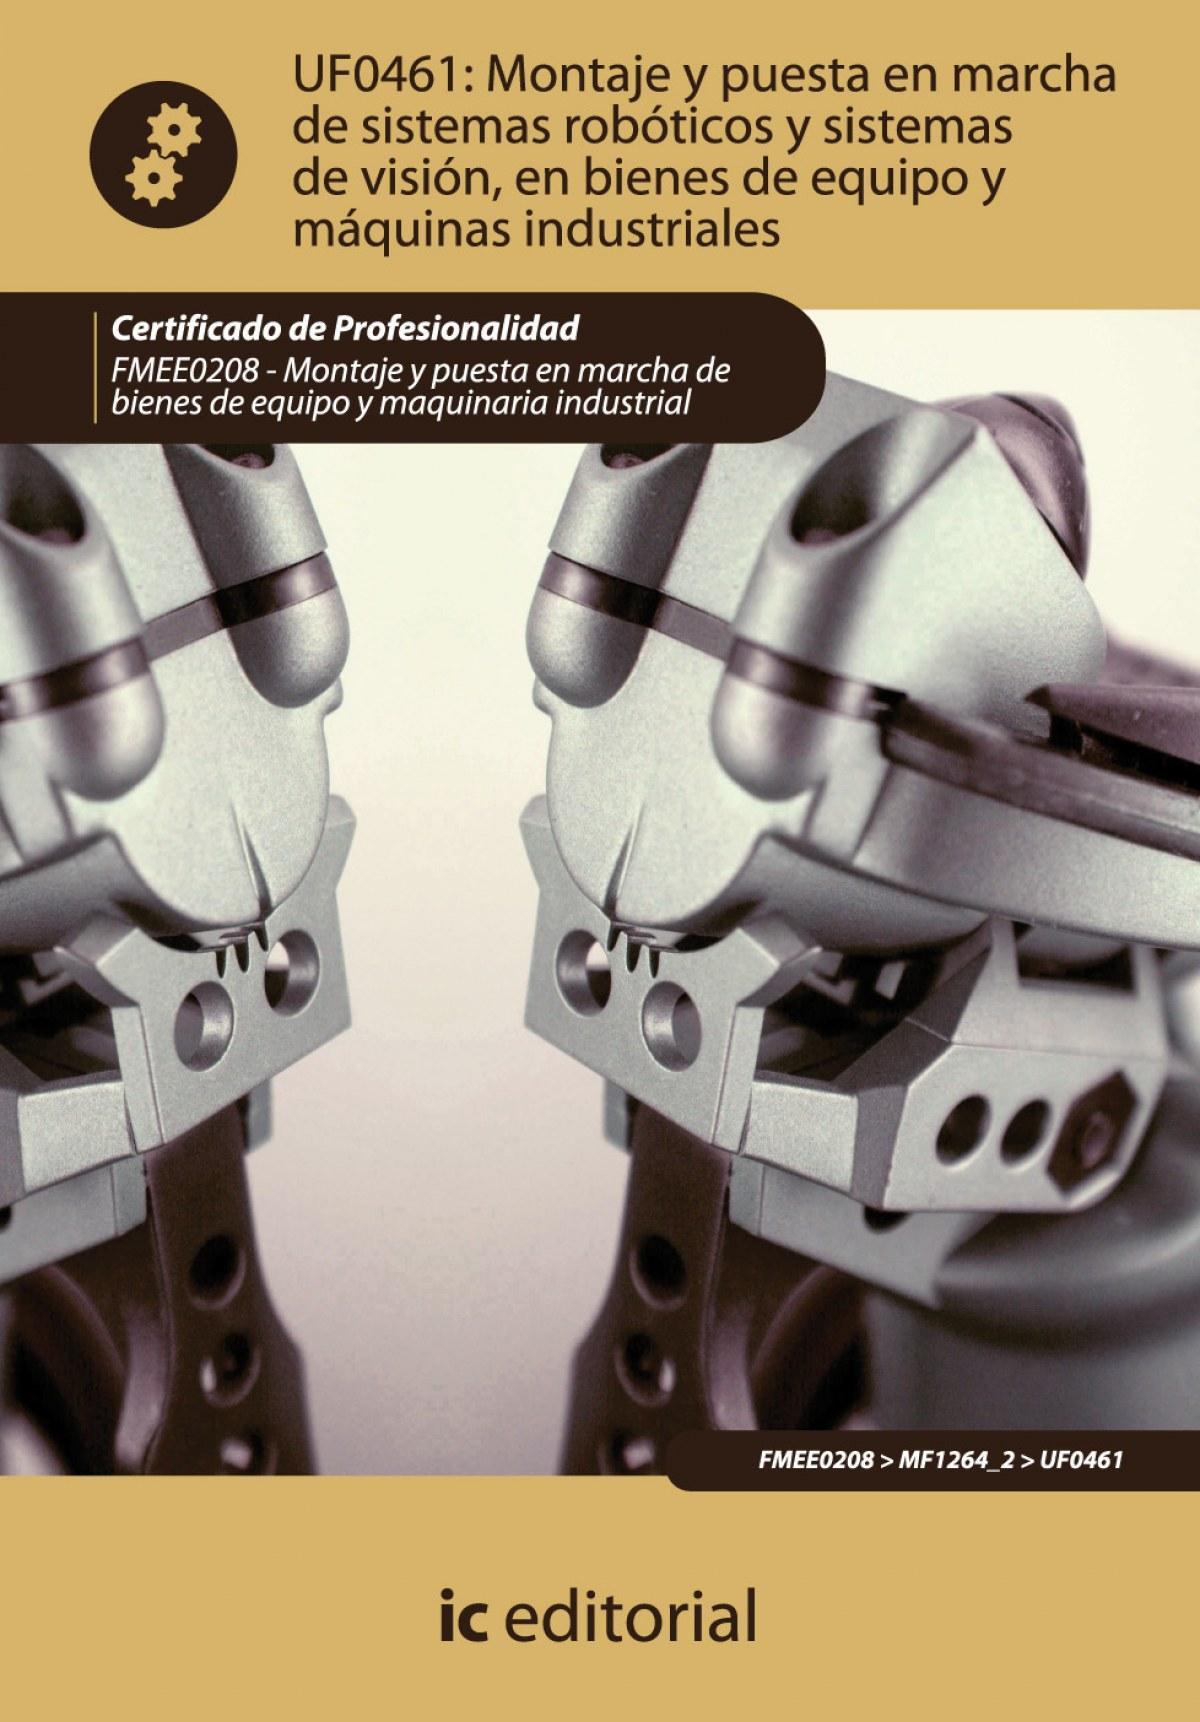 Montaje y puesta en marcha de sistemas robóticos y sistemas de visión, en bienes de equipo y maquinaria industrial. fmee0208